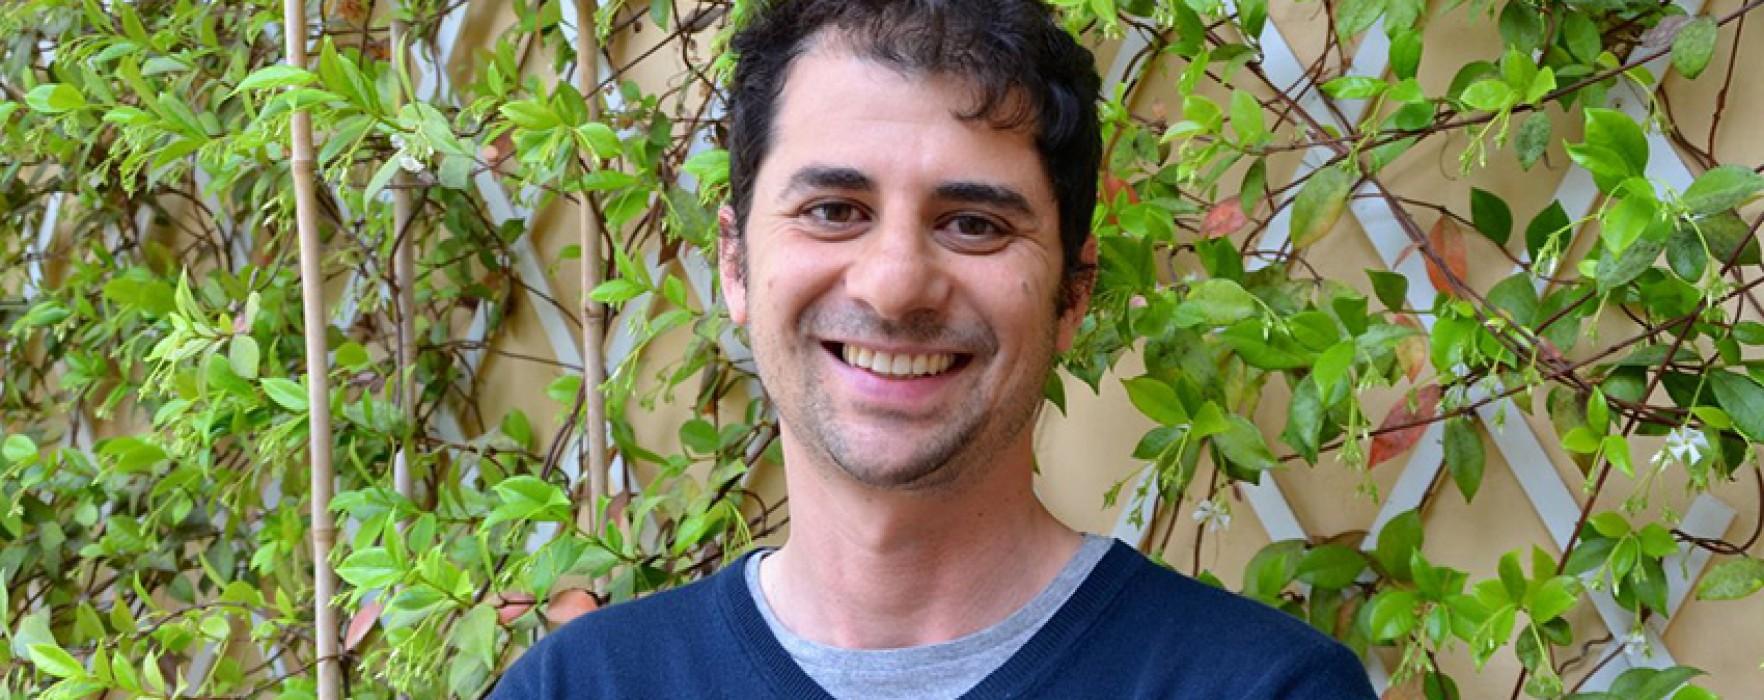 """Giuseppe Catozzella: """"Scrivere è provare a cambiare il mondo""""."""